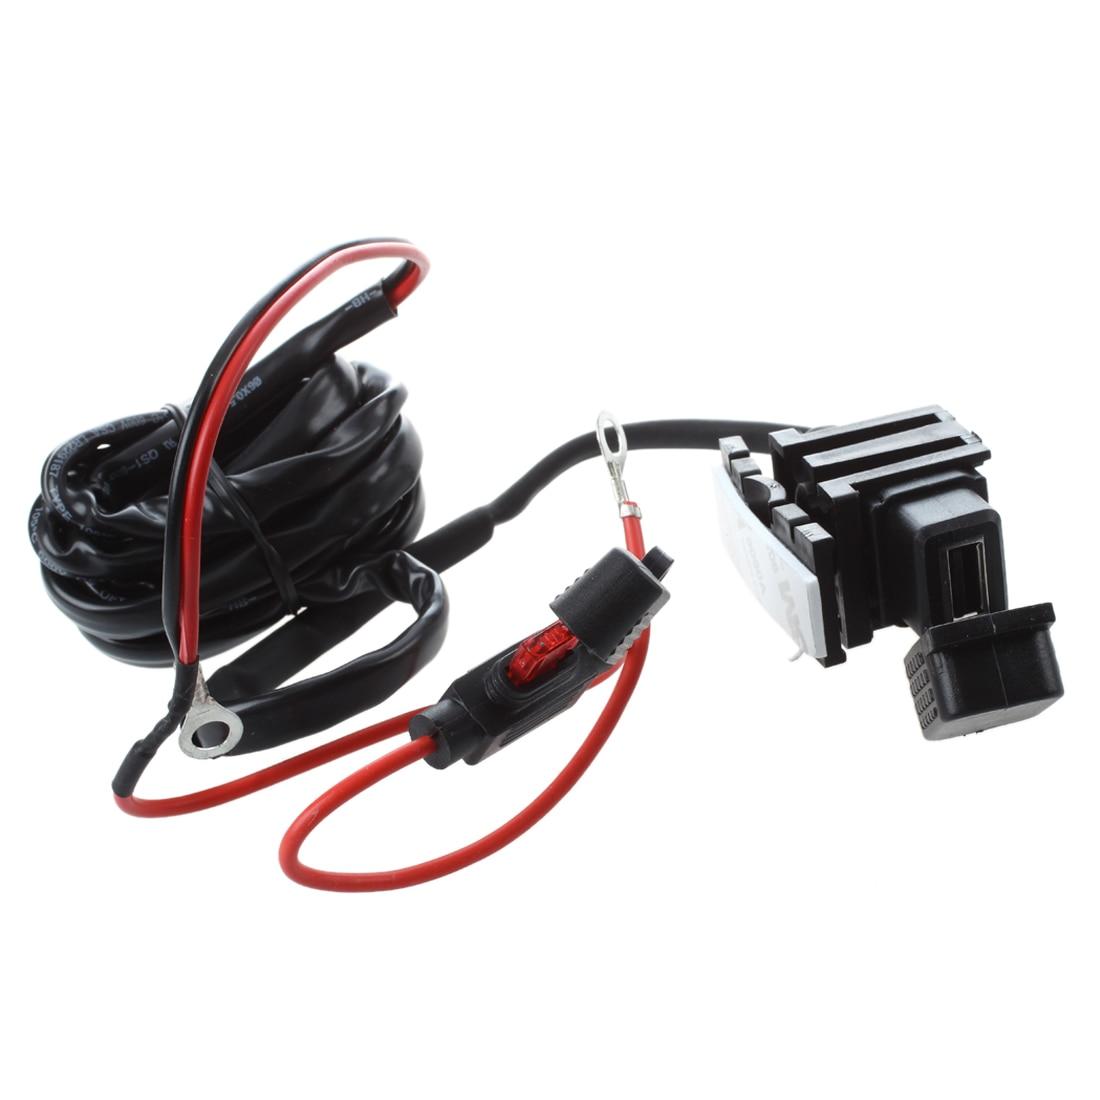 Motorcycle Bike USB Power Socket <font><b>Charger</b></font> for <font><b>Cell</b></font> <font><b>Phone</b></font> 12V/24V